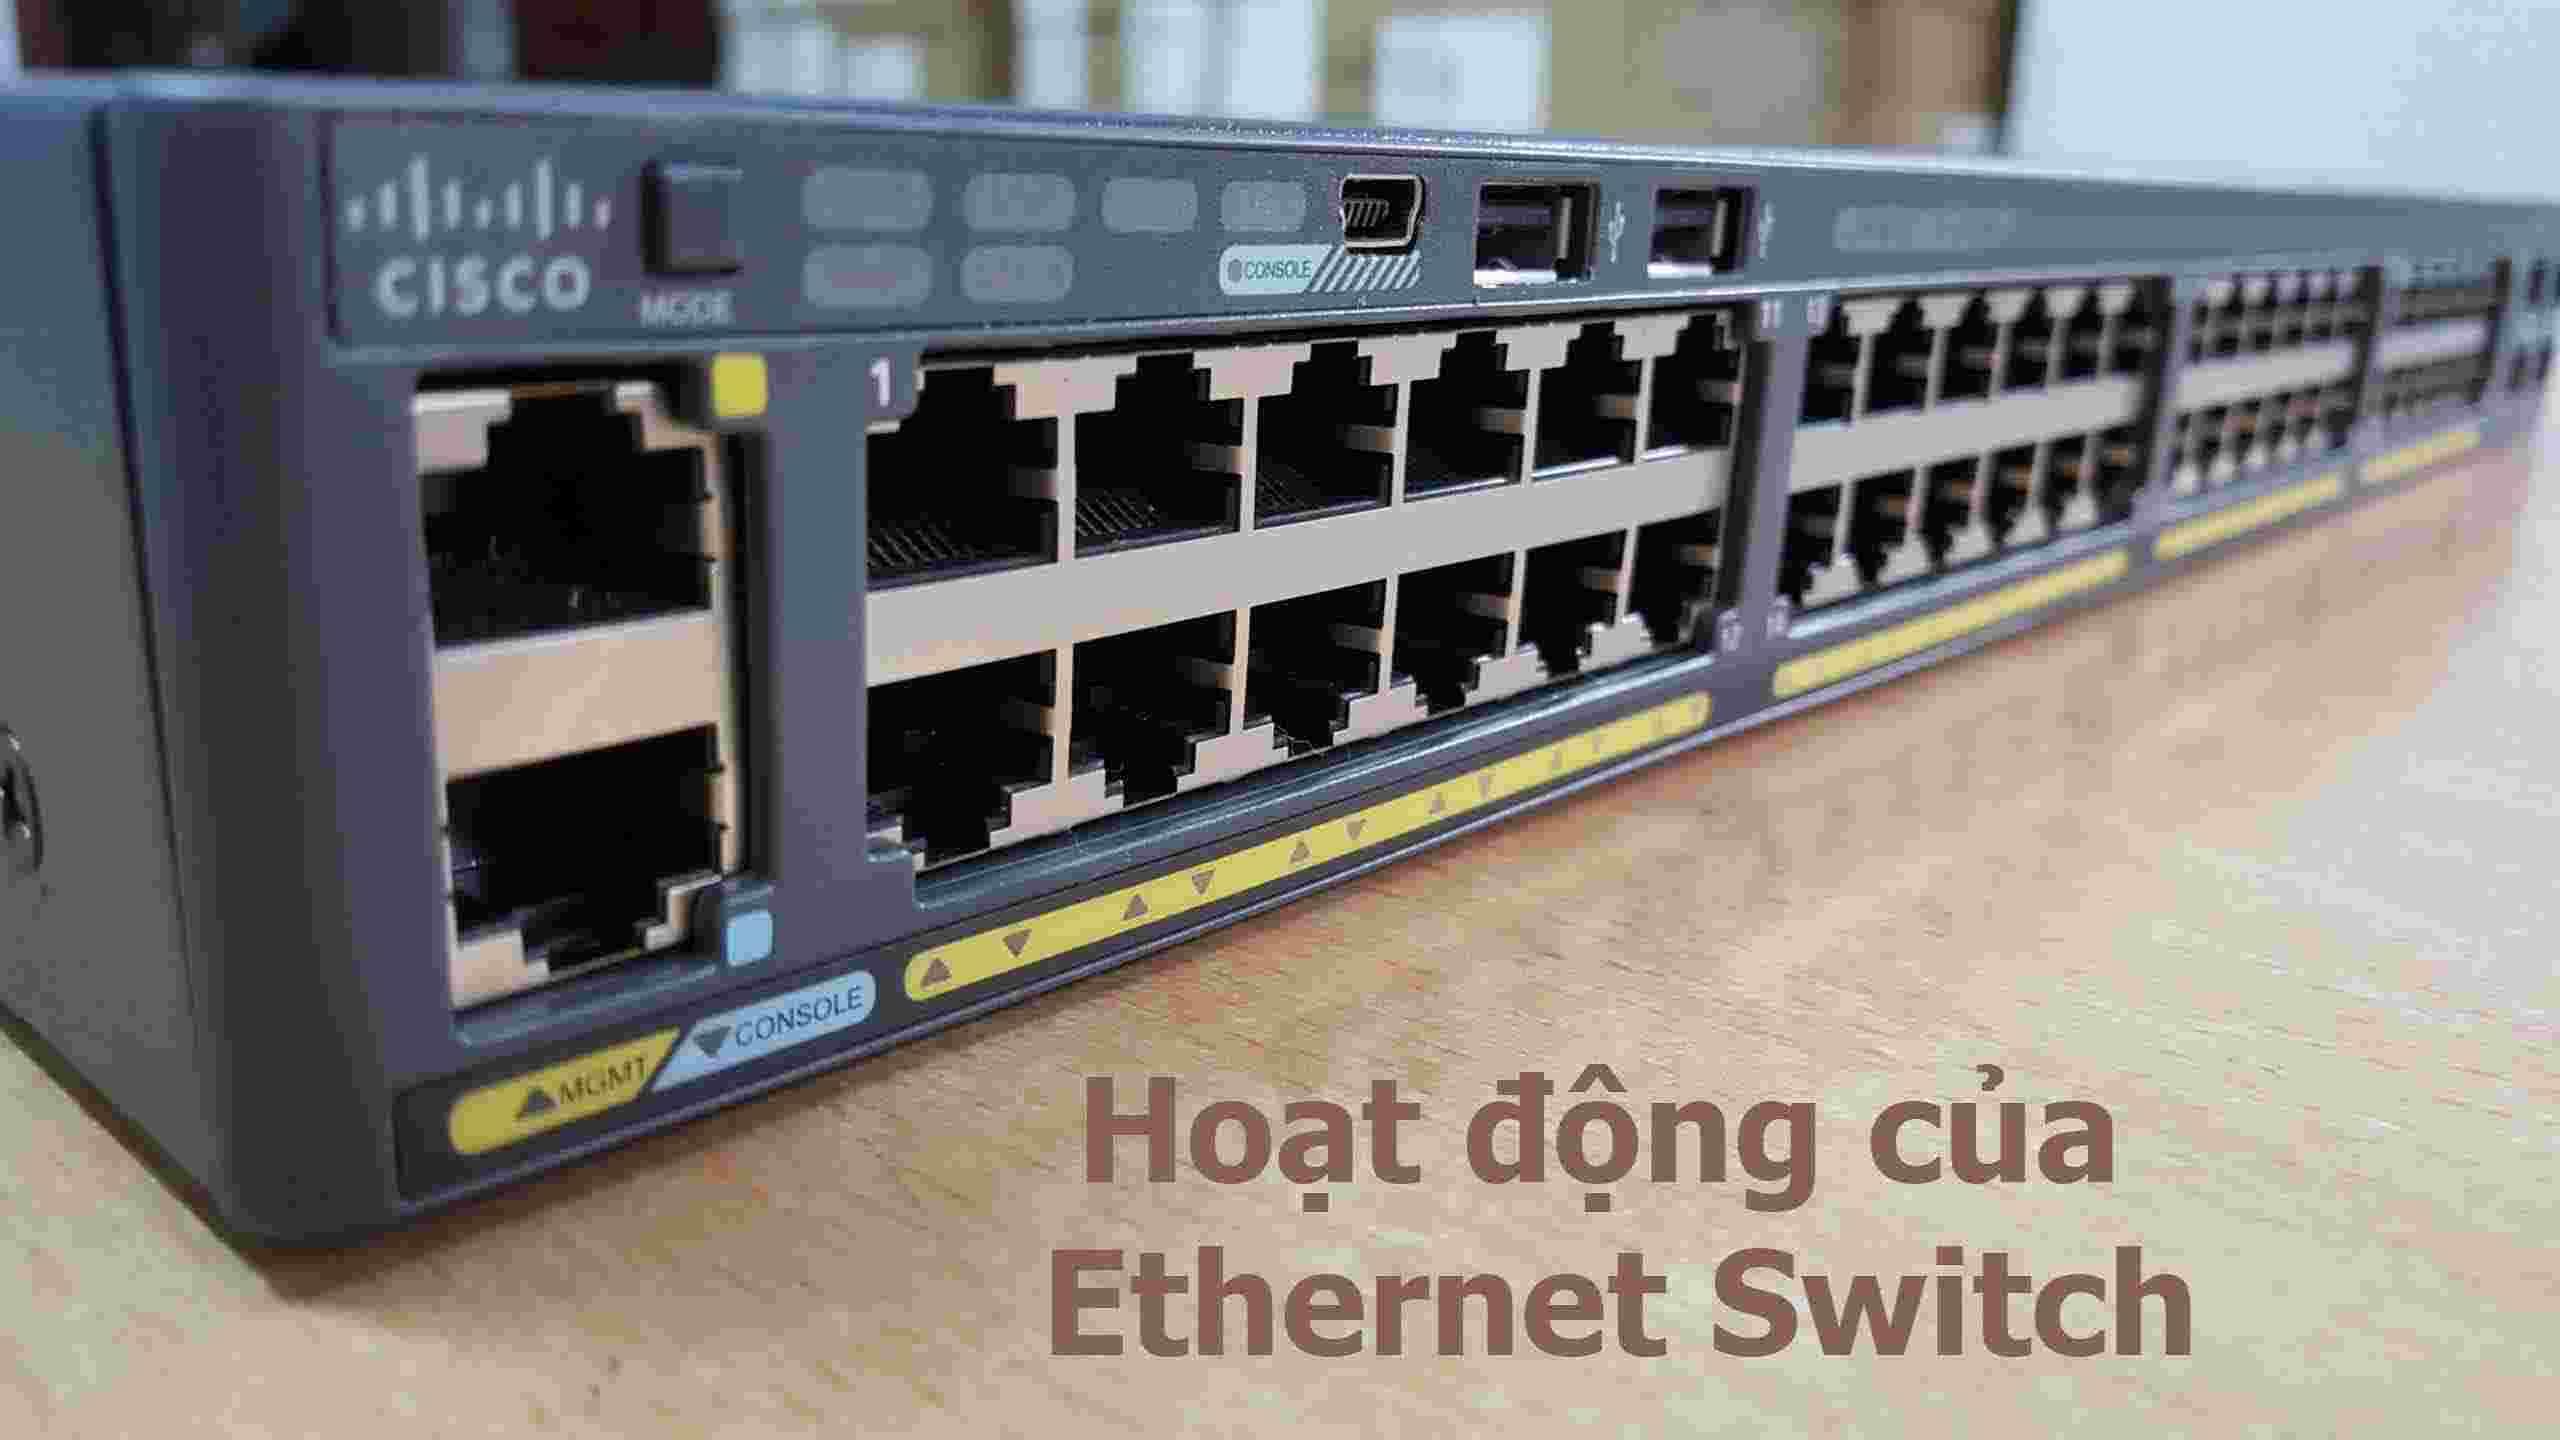 Hoạt động của Ethernet Switch